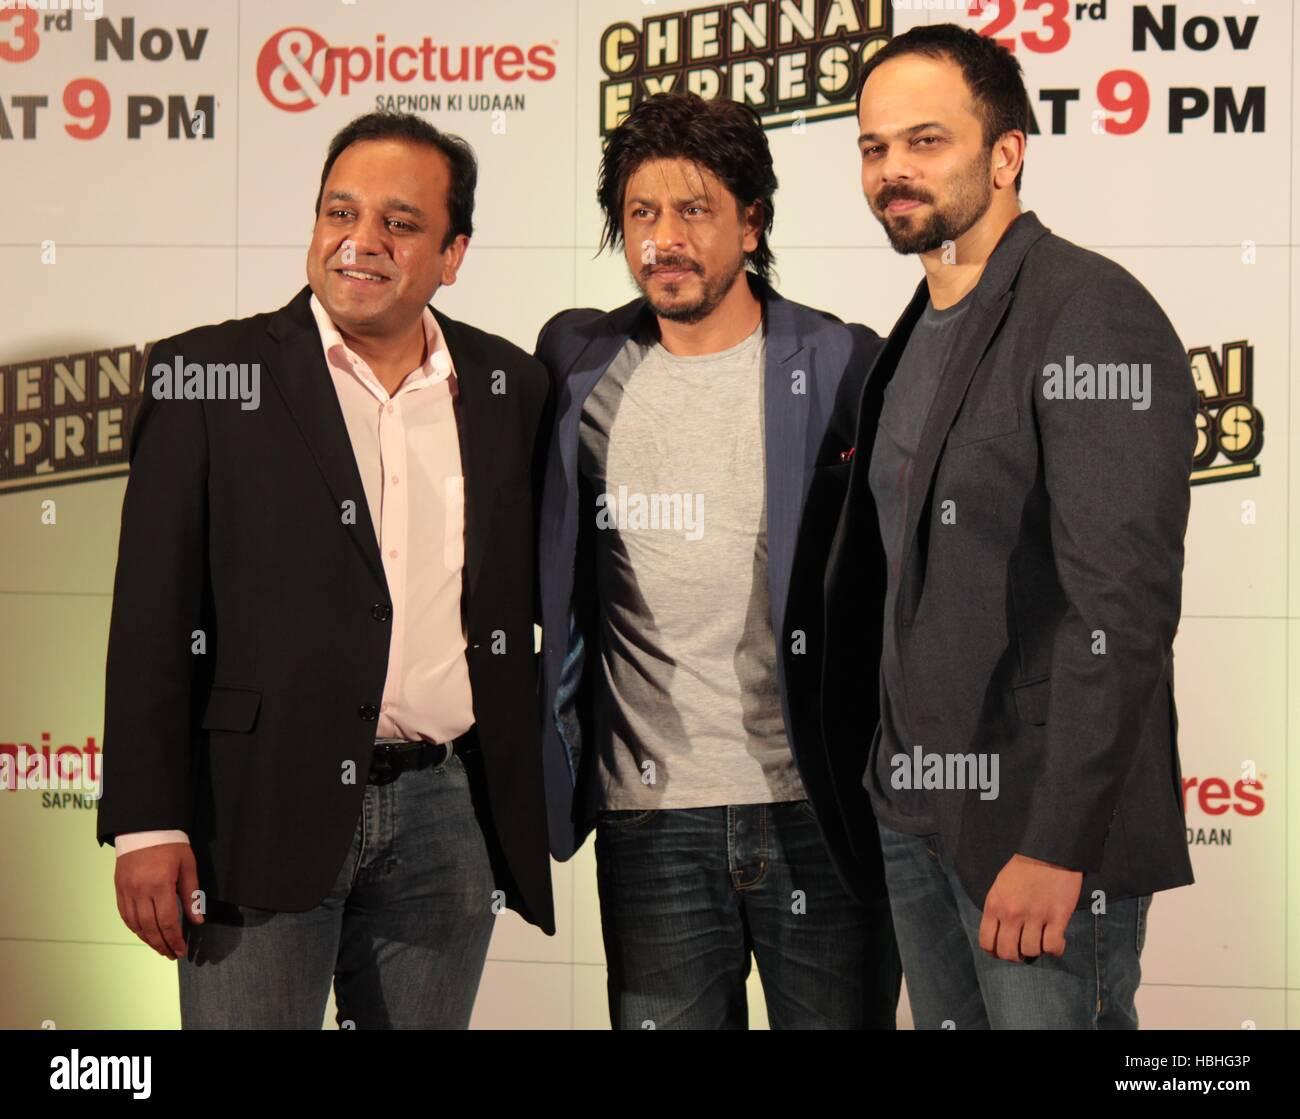 Punit Goenka Zee Entertainment Unternehmen begrenzt Shah Rukh Khan Rohit Shetty Zee TV party Film Chennai Express Stockbild